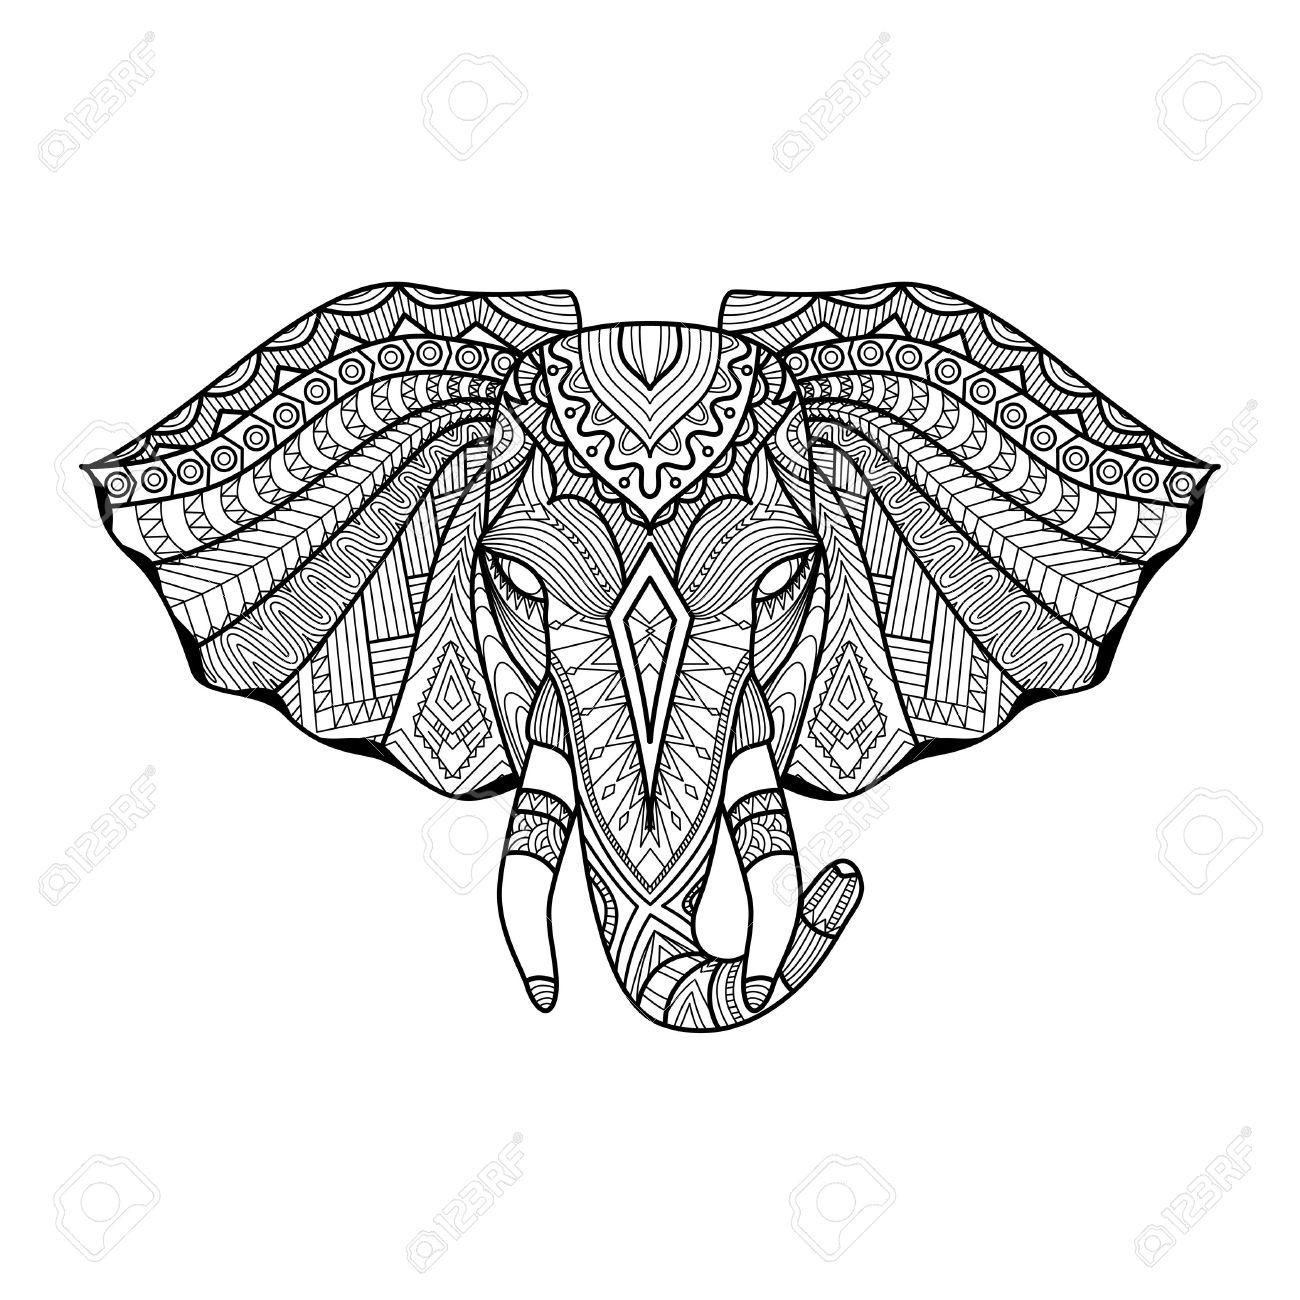 Dessin Tete D Elephant Ethnique Unique Pour L Impression Modele